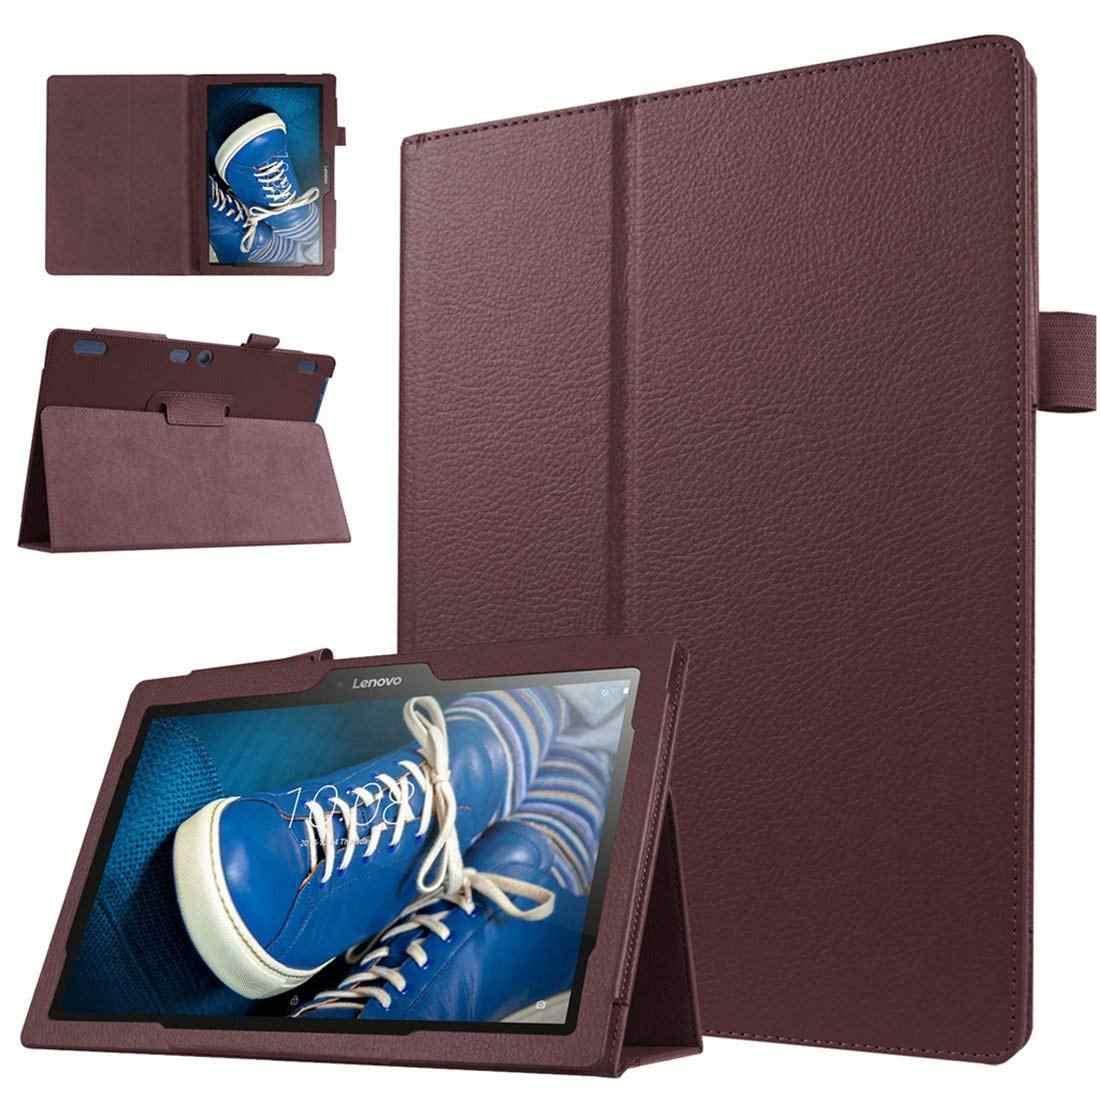 Flip Pu kılıf için Lenovo Tab 2 A10-30 akıllı kılıf kapak standı kılıf için Lenovo Tab 2 A10-70 TB2-X30F TB2-X30L funda deri çapa